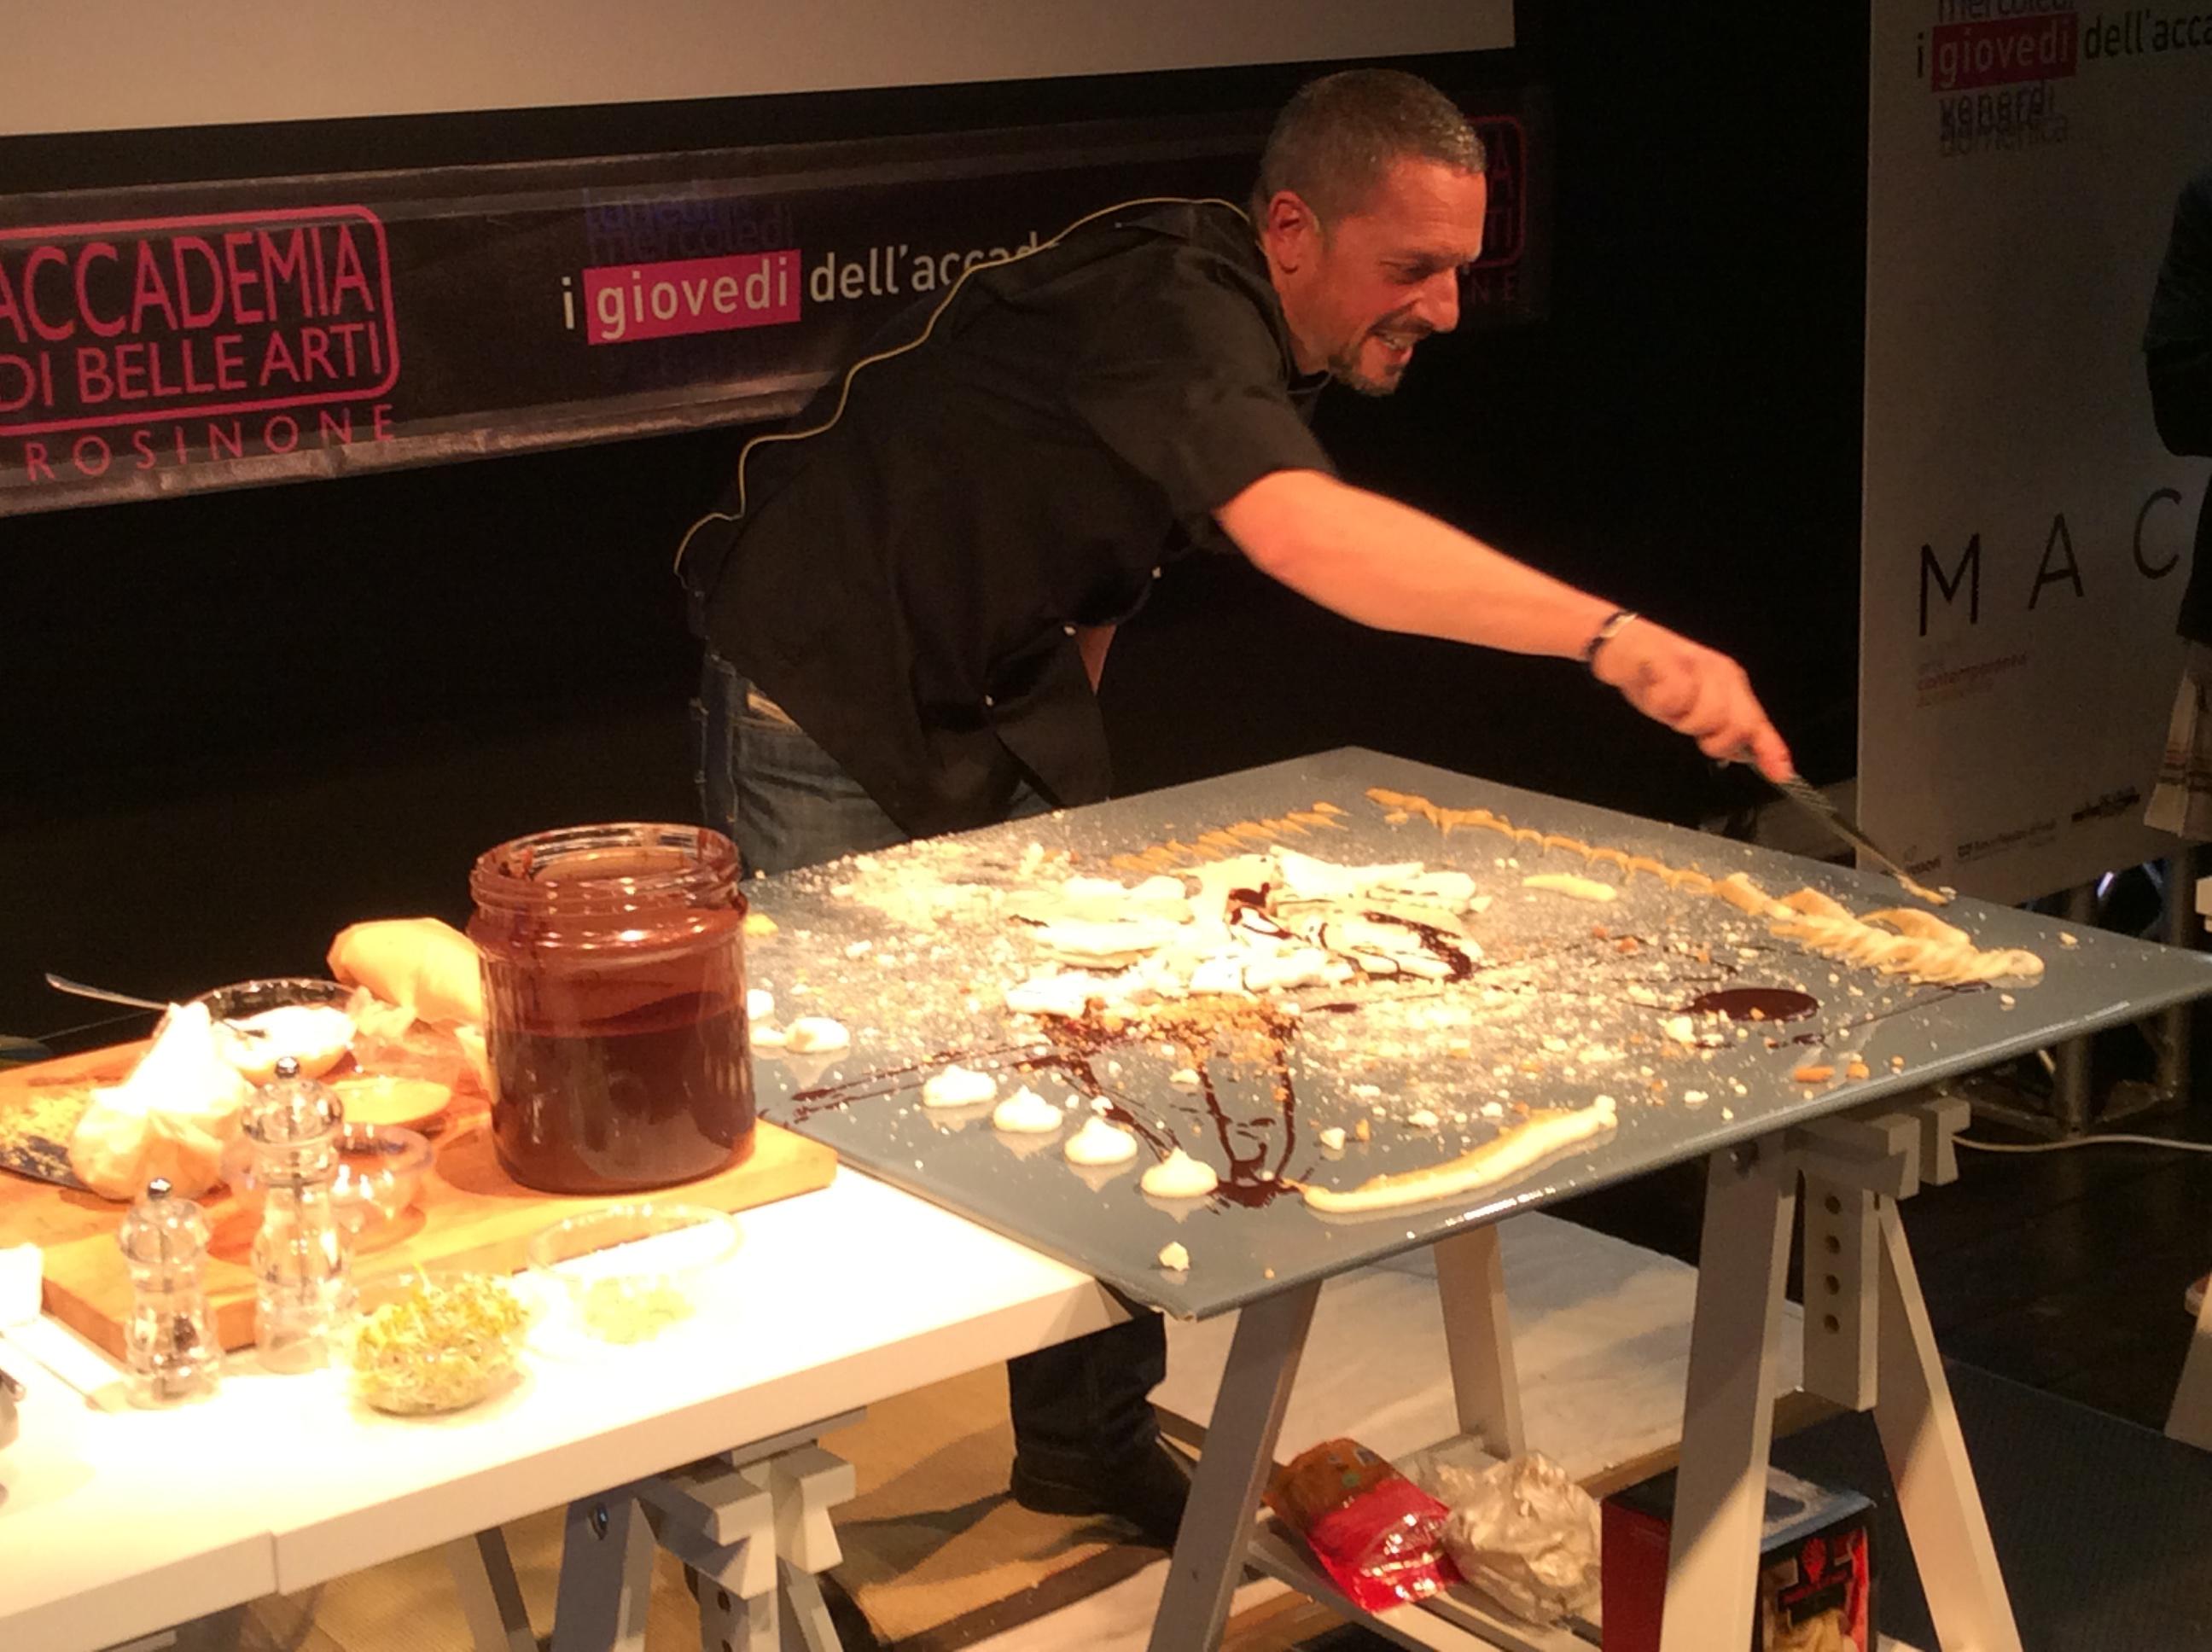 Art and food design accademia di belle arti frosinone for Accademia belle arti design